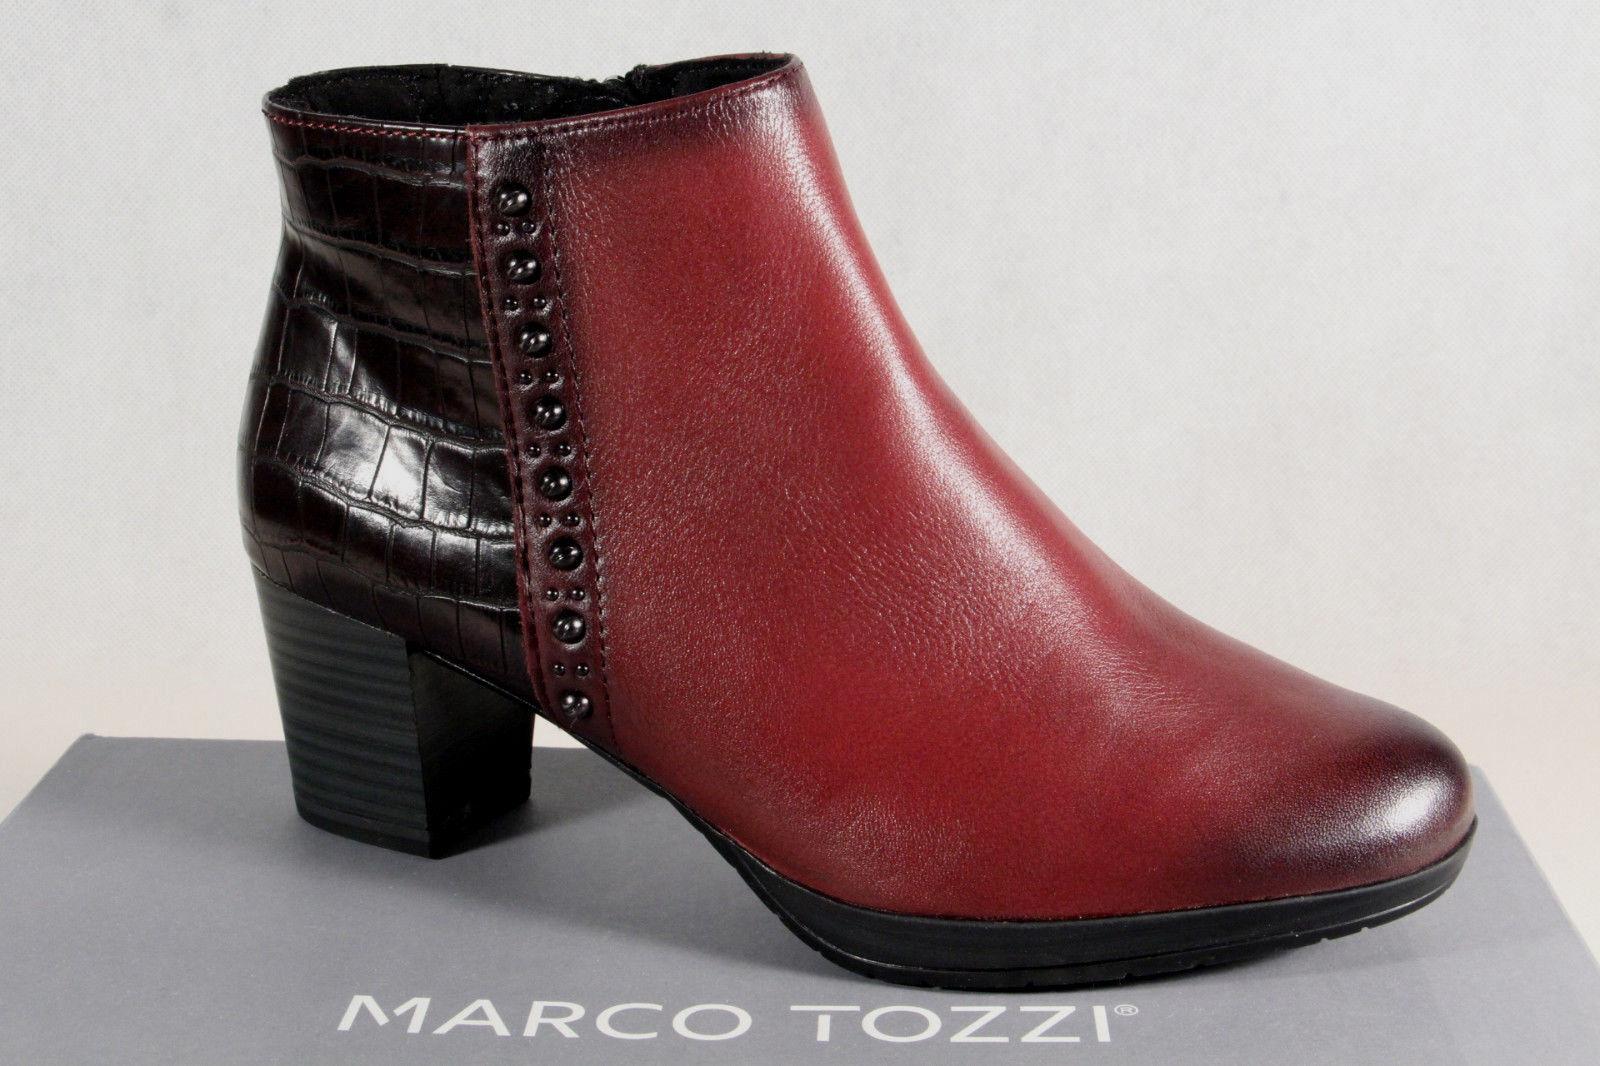 Marco Tozzi Botines Cremallera Forrado Forrado Forrado 25388 Cuero Aut. Nuevo 929503